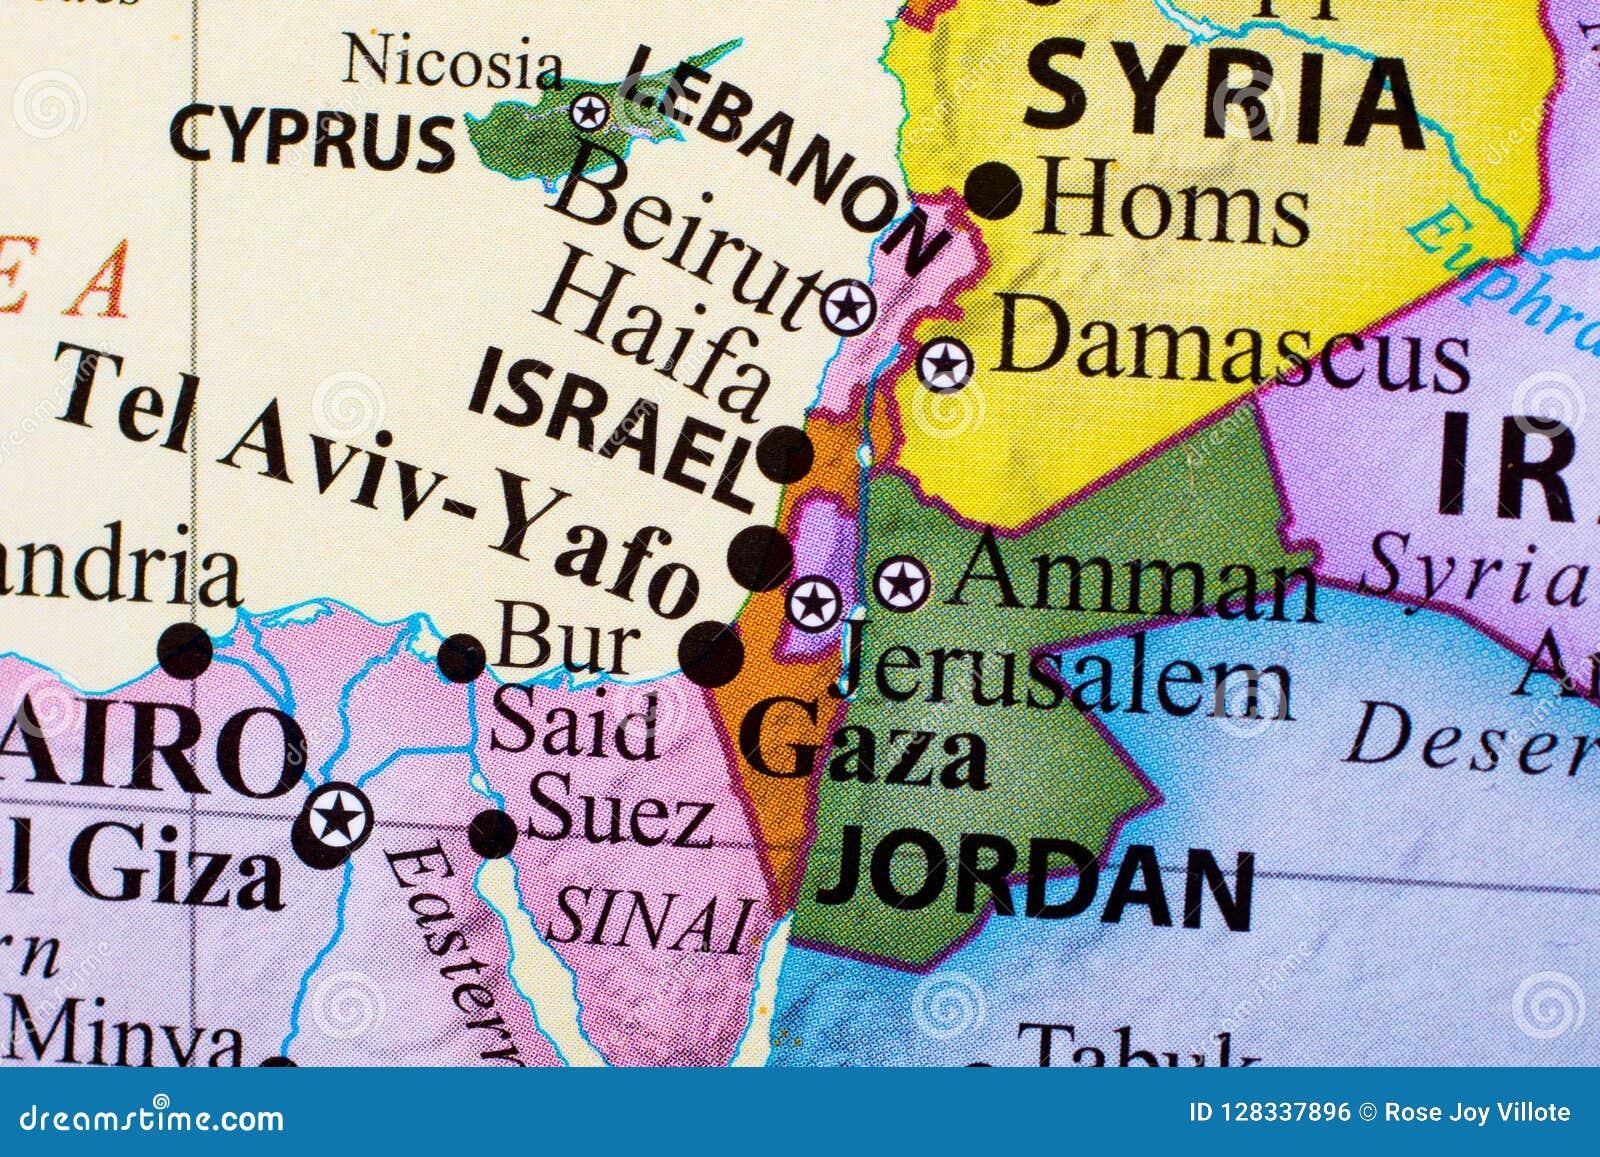 Översikt av Libanon, Israel, telefon-Aviv-Yafo, Gaza och Jordanien